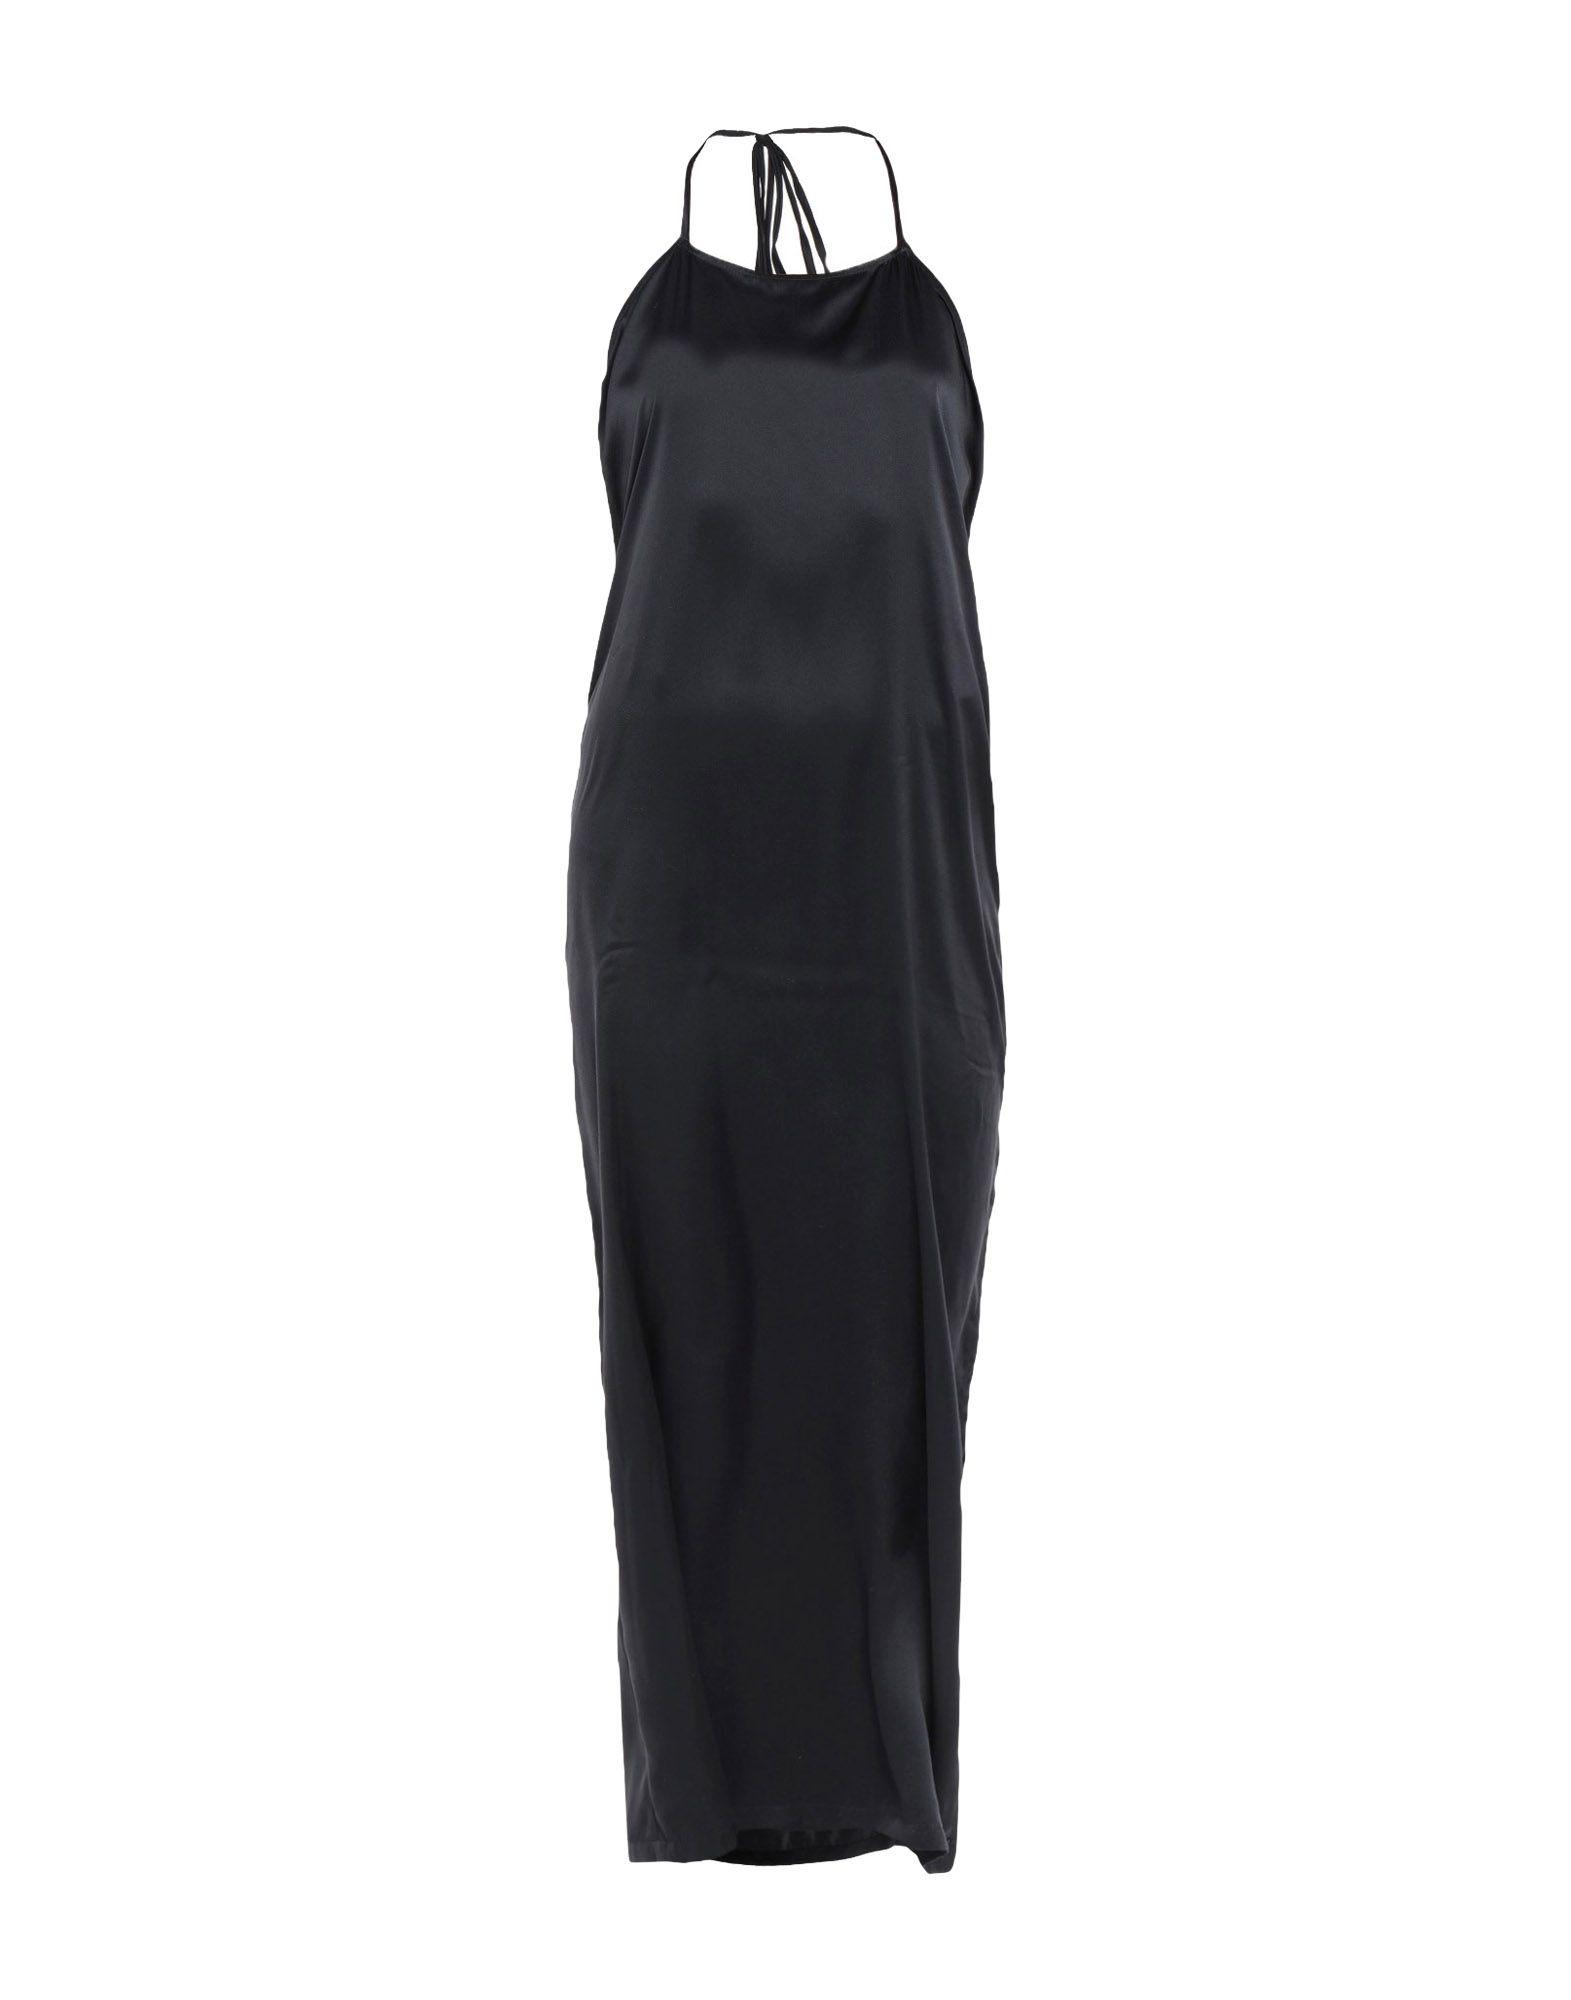 《期間限定セール中》SARTORIAL MONK レディース ロングワンピース&ドレス ブラック 40 シルク 100%